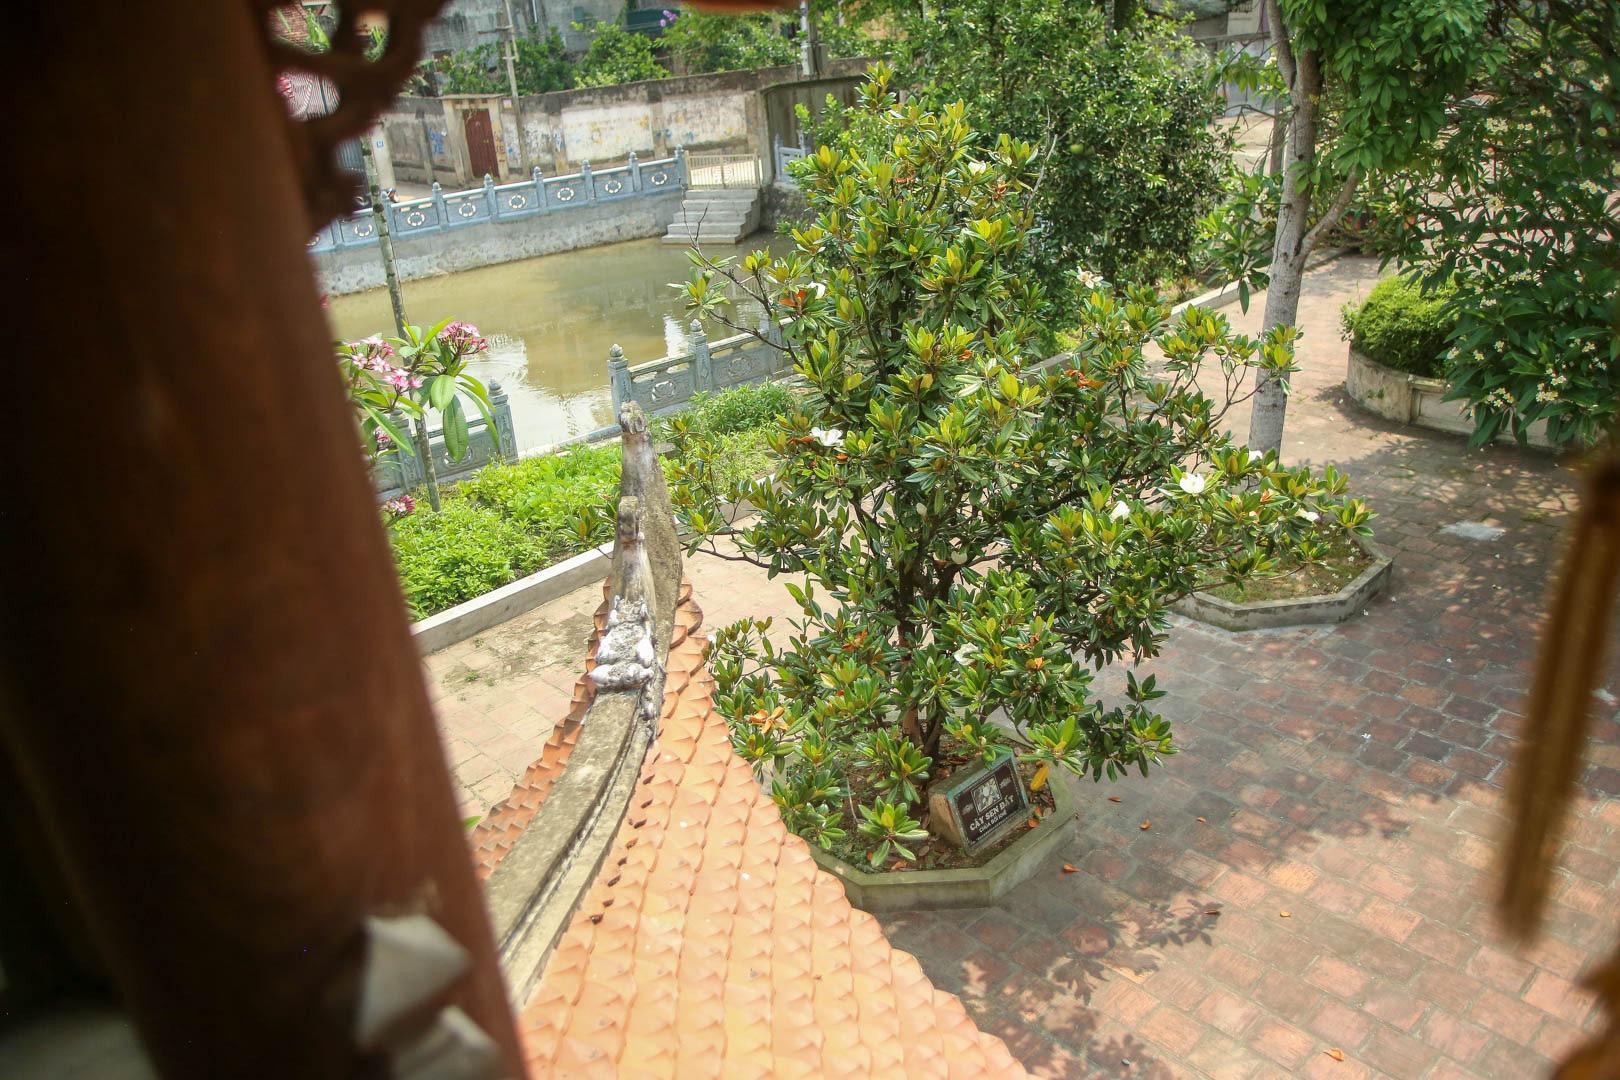 Kỳ lạ đóa sen nằm trên cạn, tỏa hương thơm ngát ngôi chùa trăm năm tuổi - Ảnh 11.